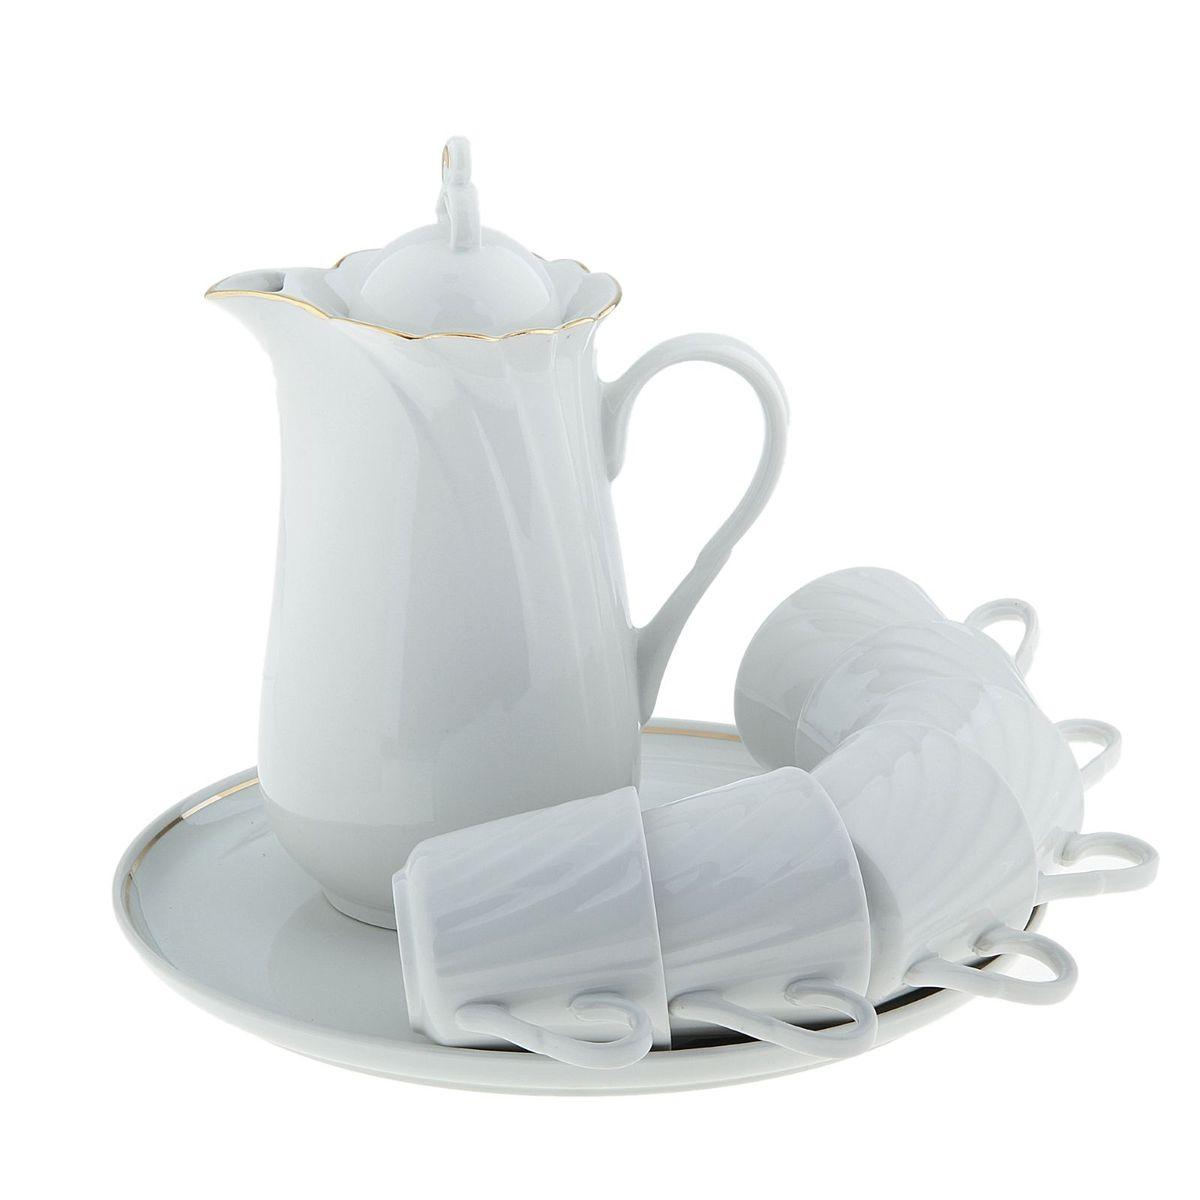 Набор питьевой Голубка, 8 предметов507877кувшин 1300 мл, 1 шт.;чайная чашка 220 мл, 6 шт.;блюдо для закусок 300 мм, 1 шт.